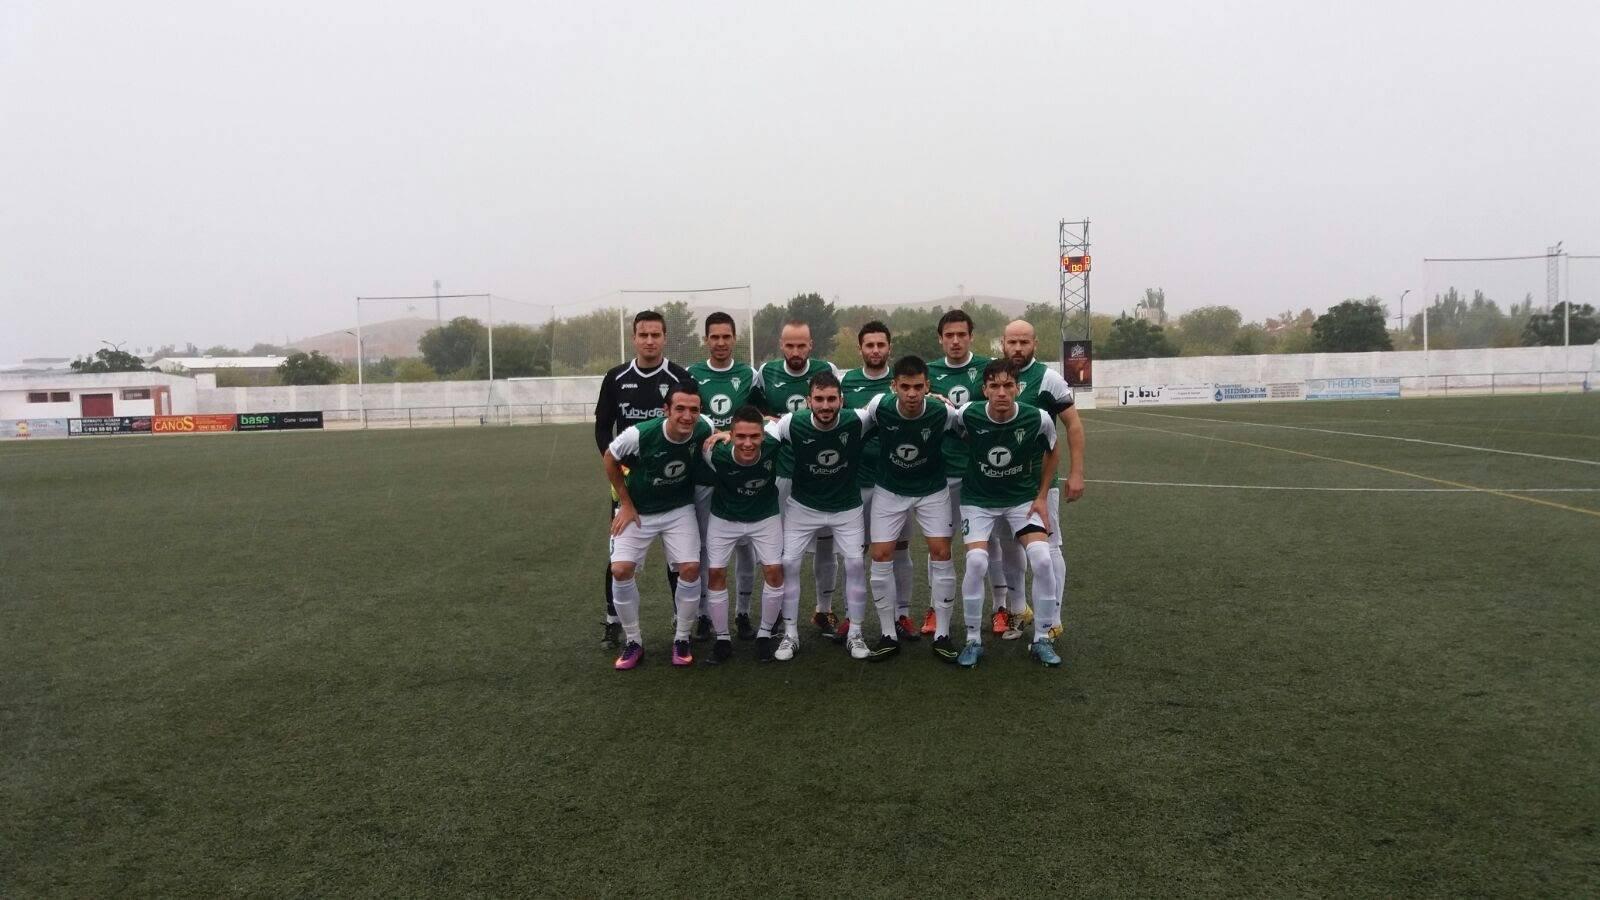 equipo-herencia-futbol-despues-partido